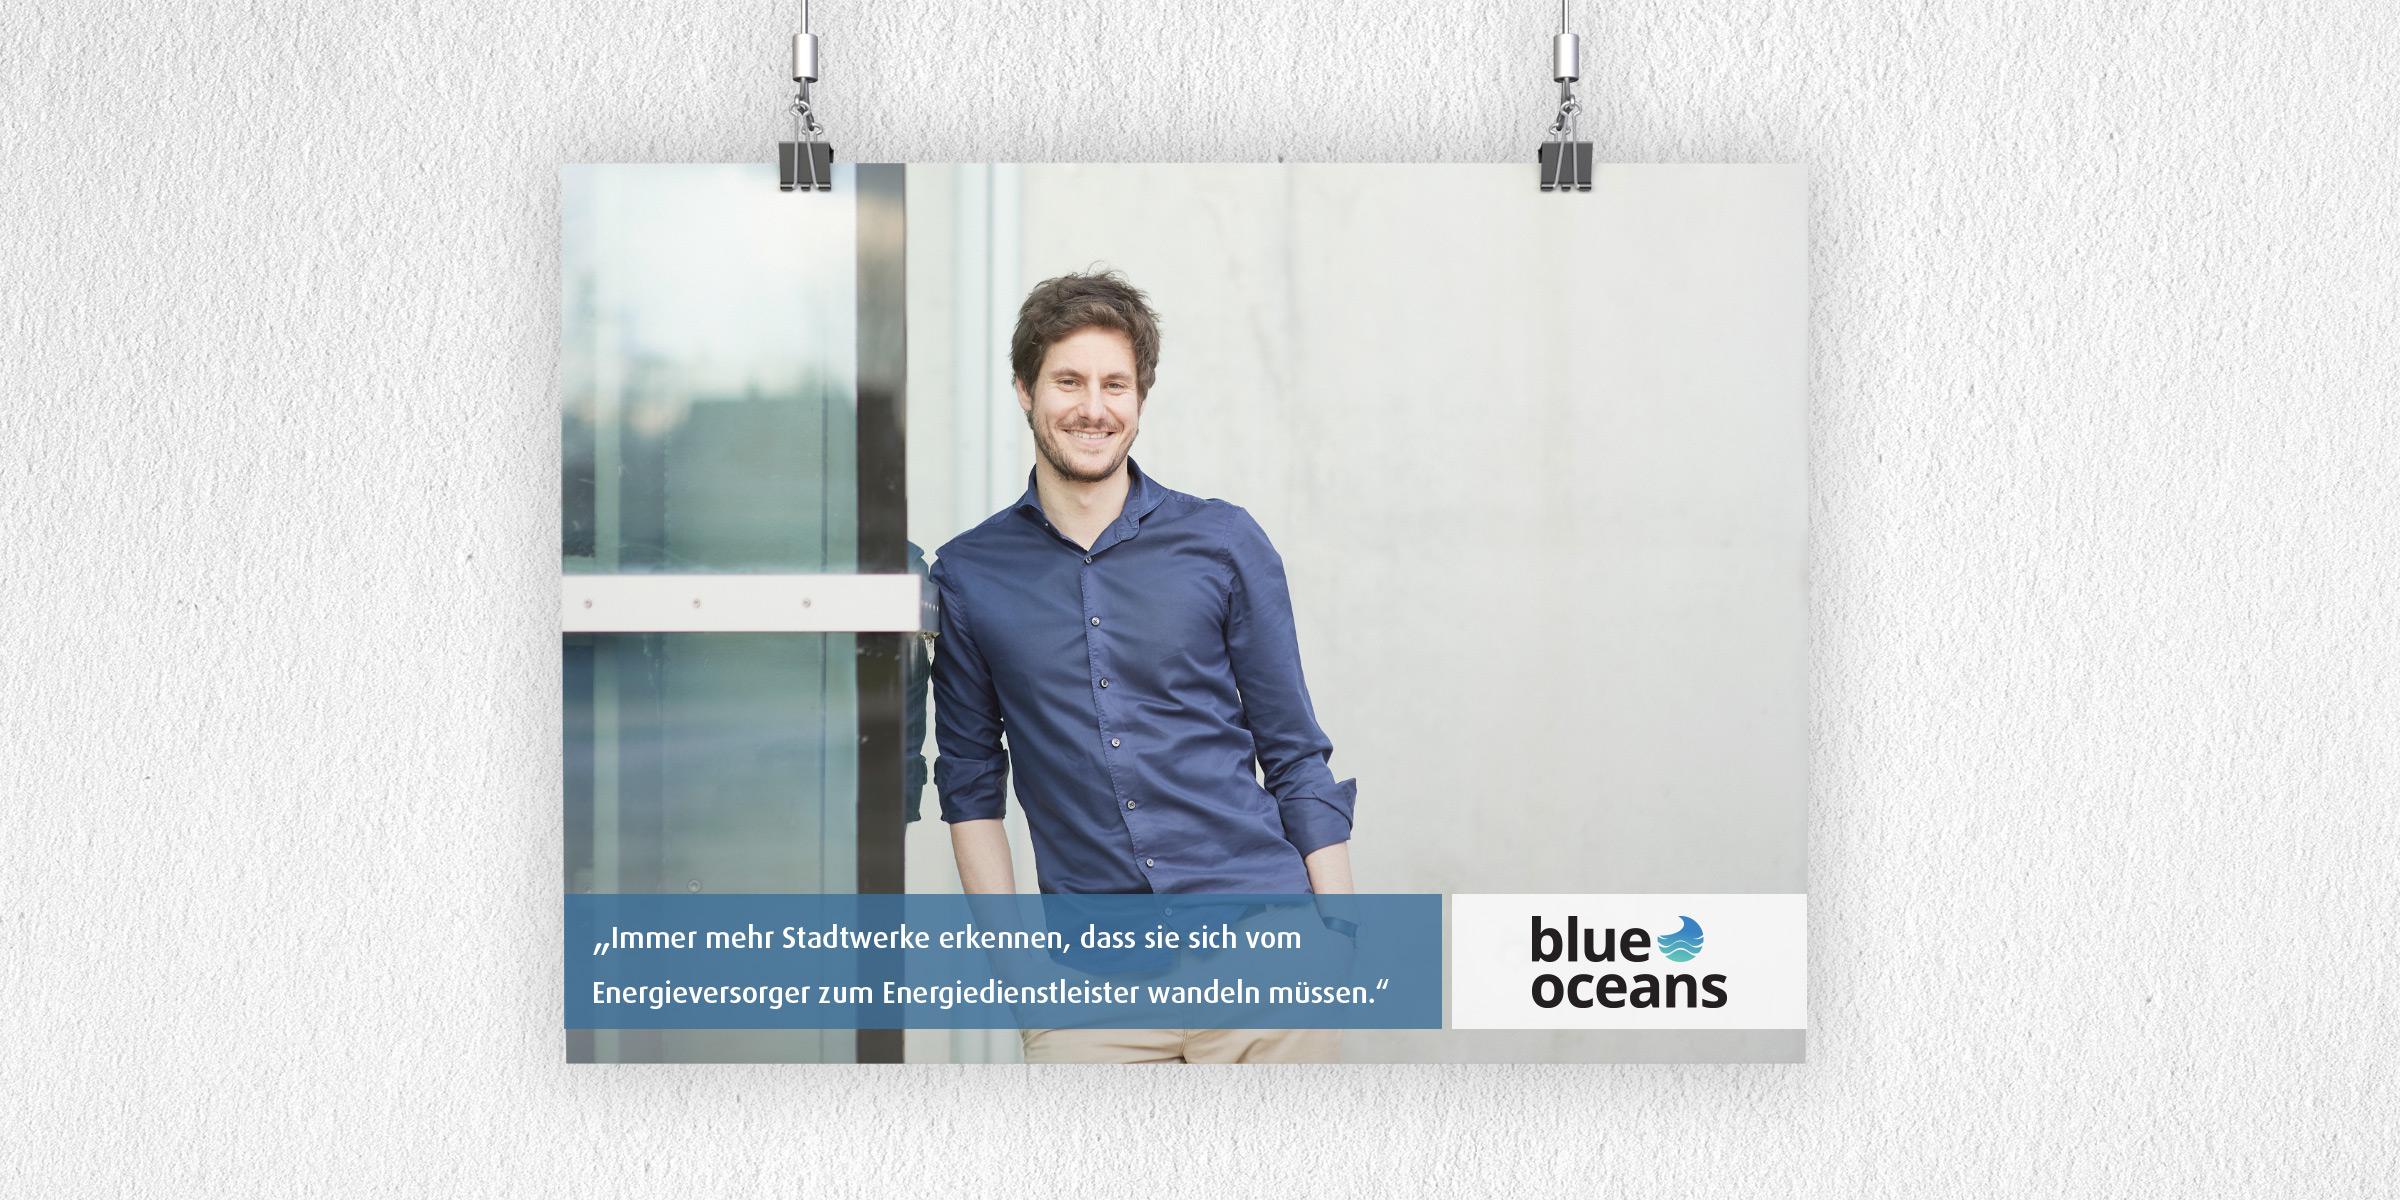 Gregor Rohbogner im Interview mit blue oceans